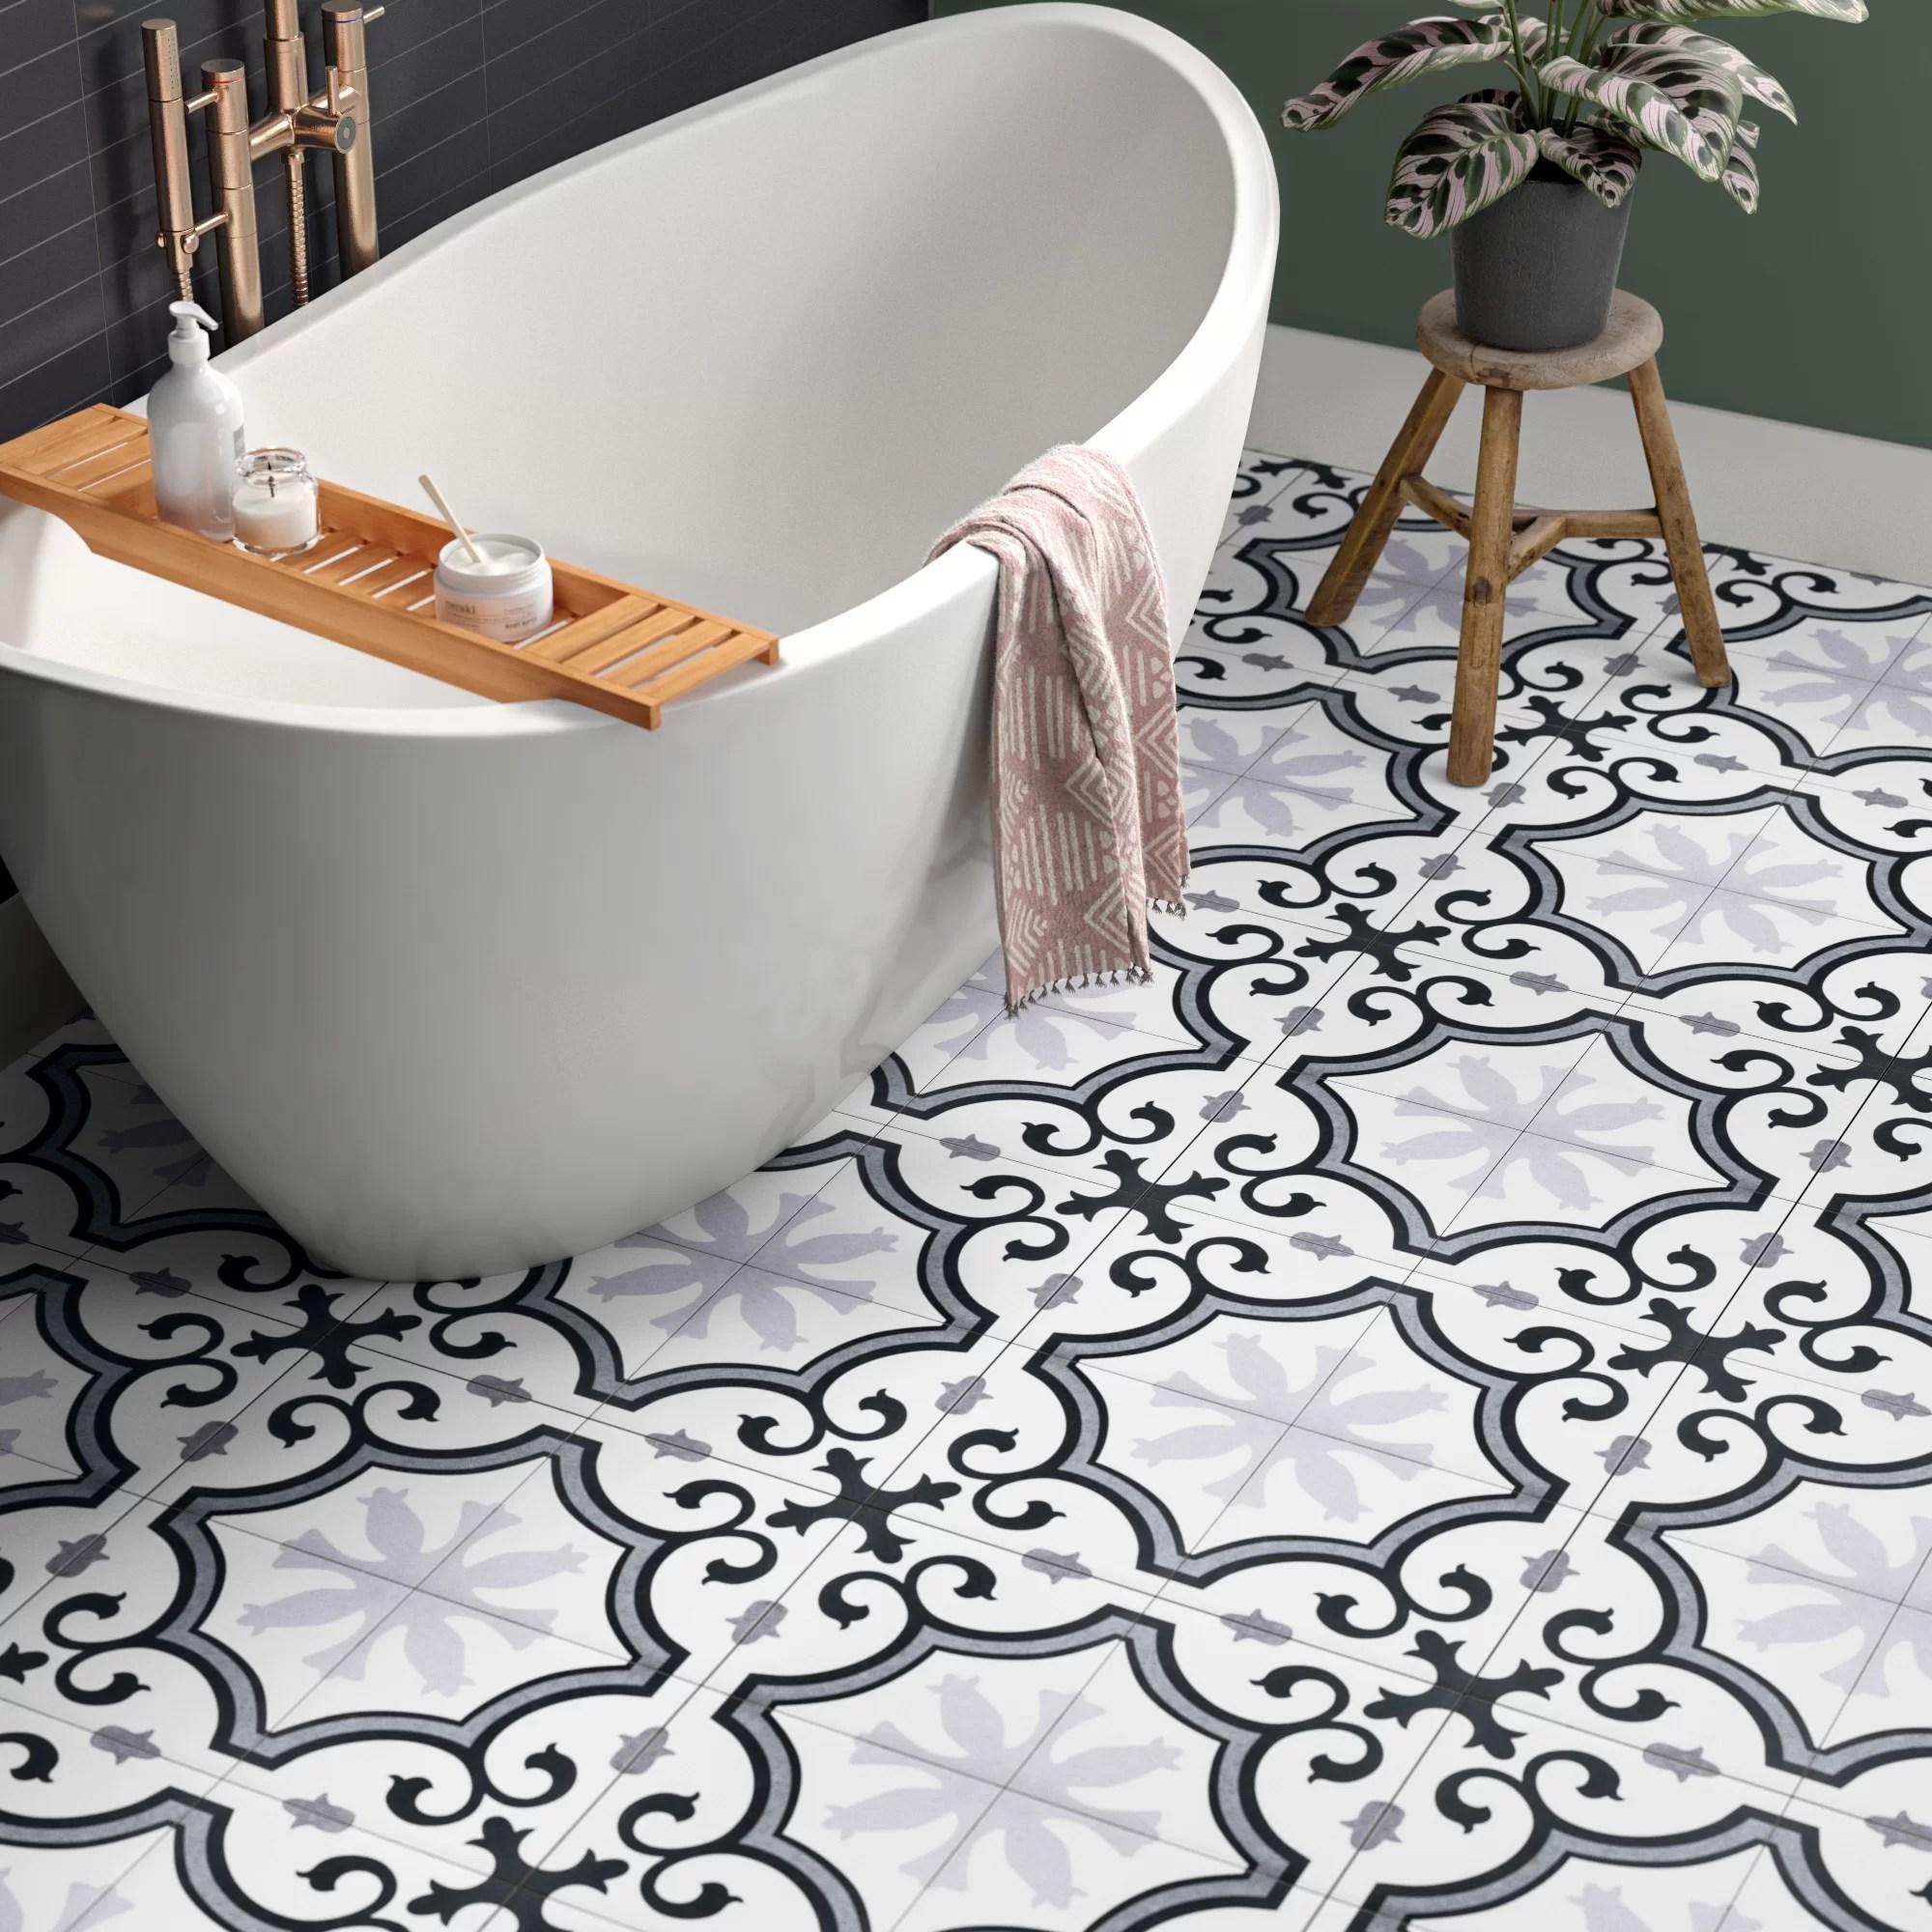 eliora 10 x 10 porcelain field tile